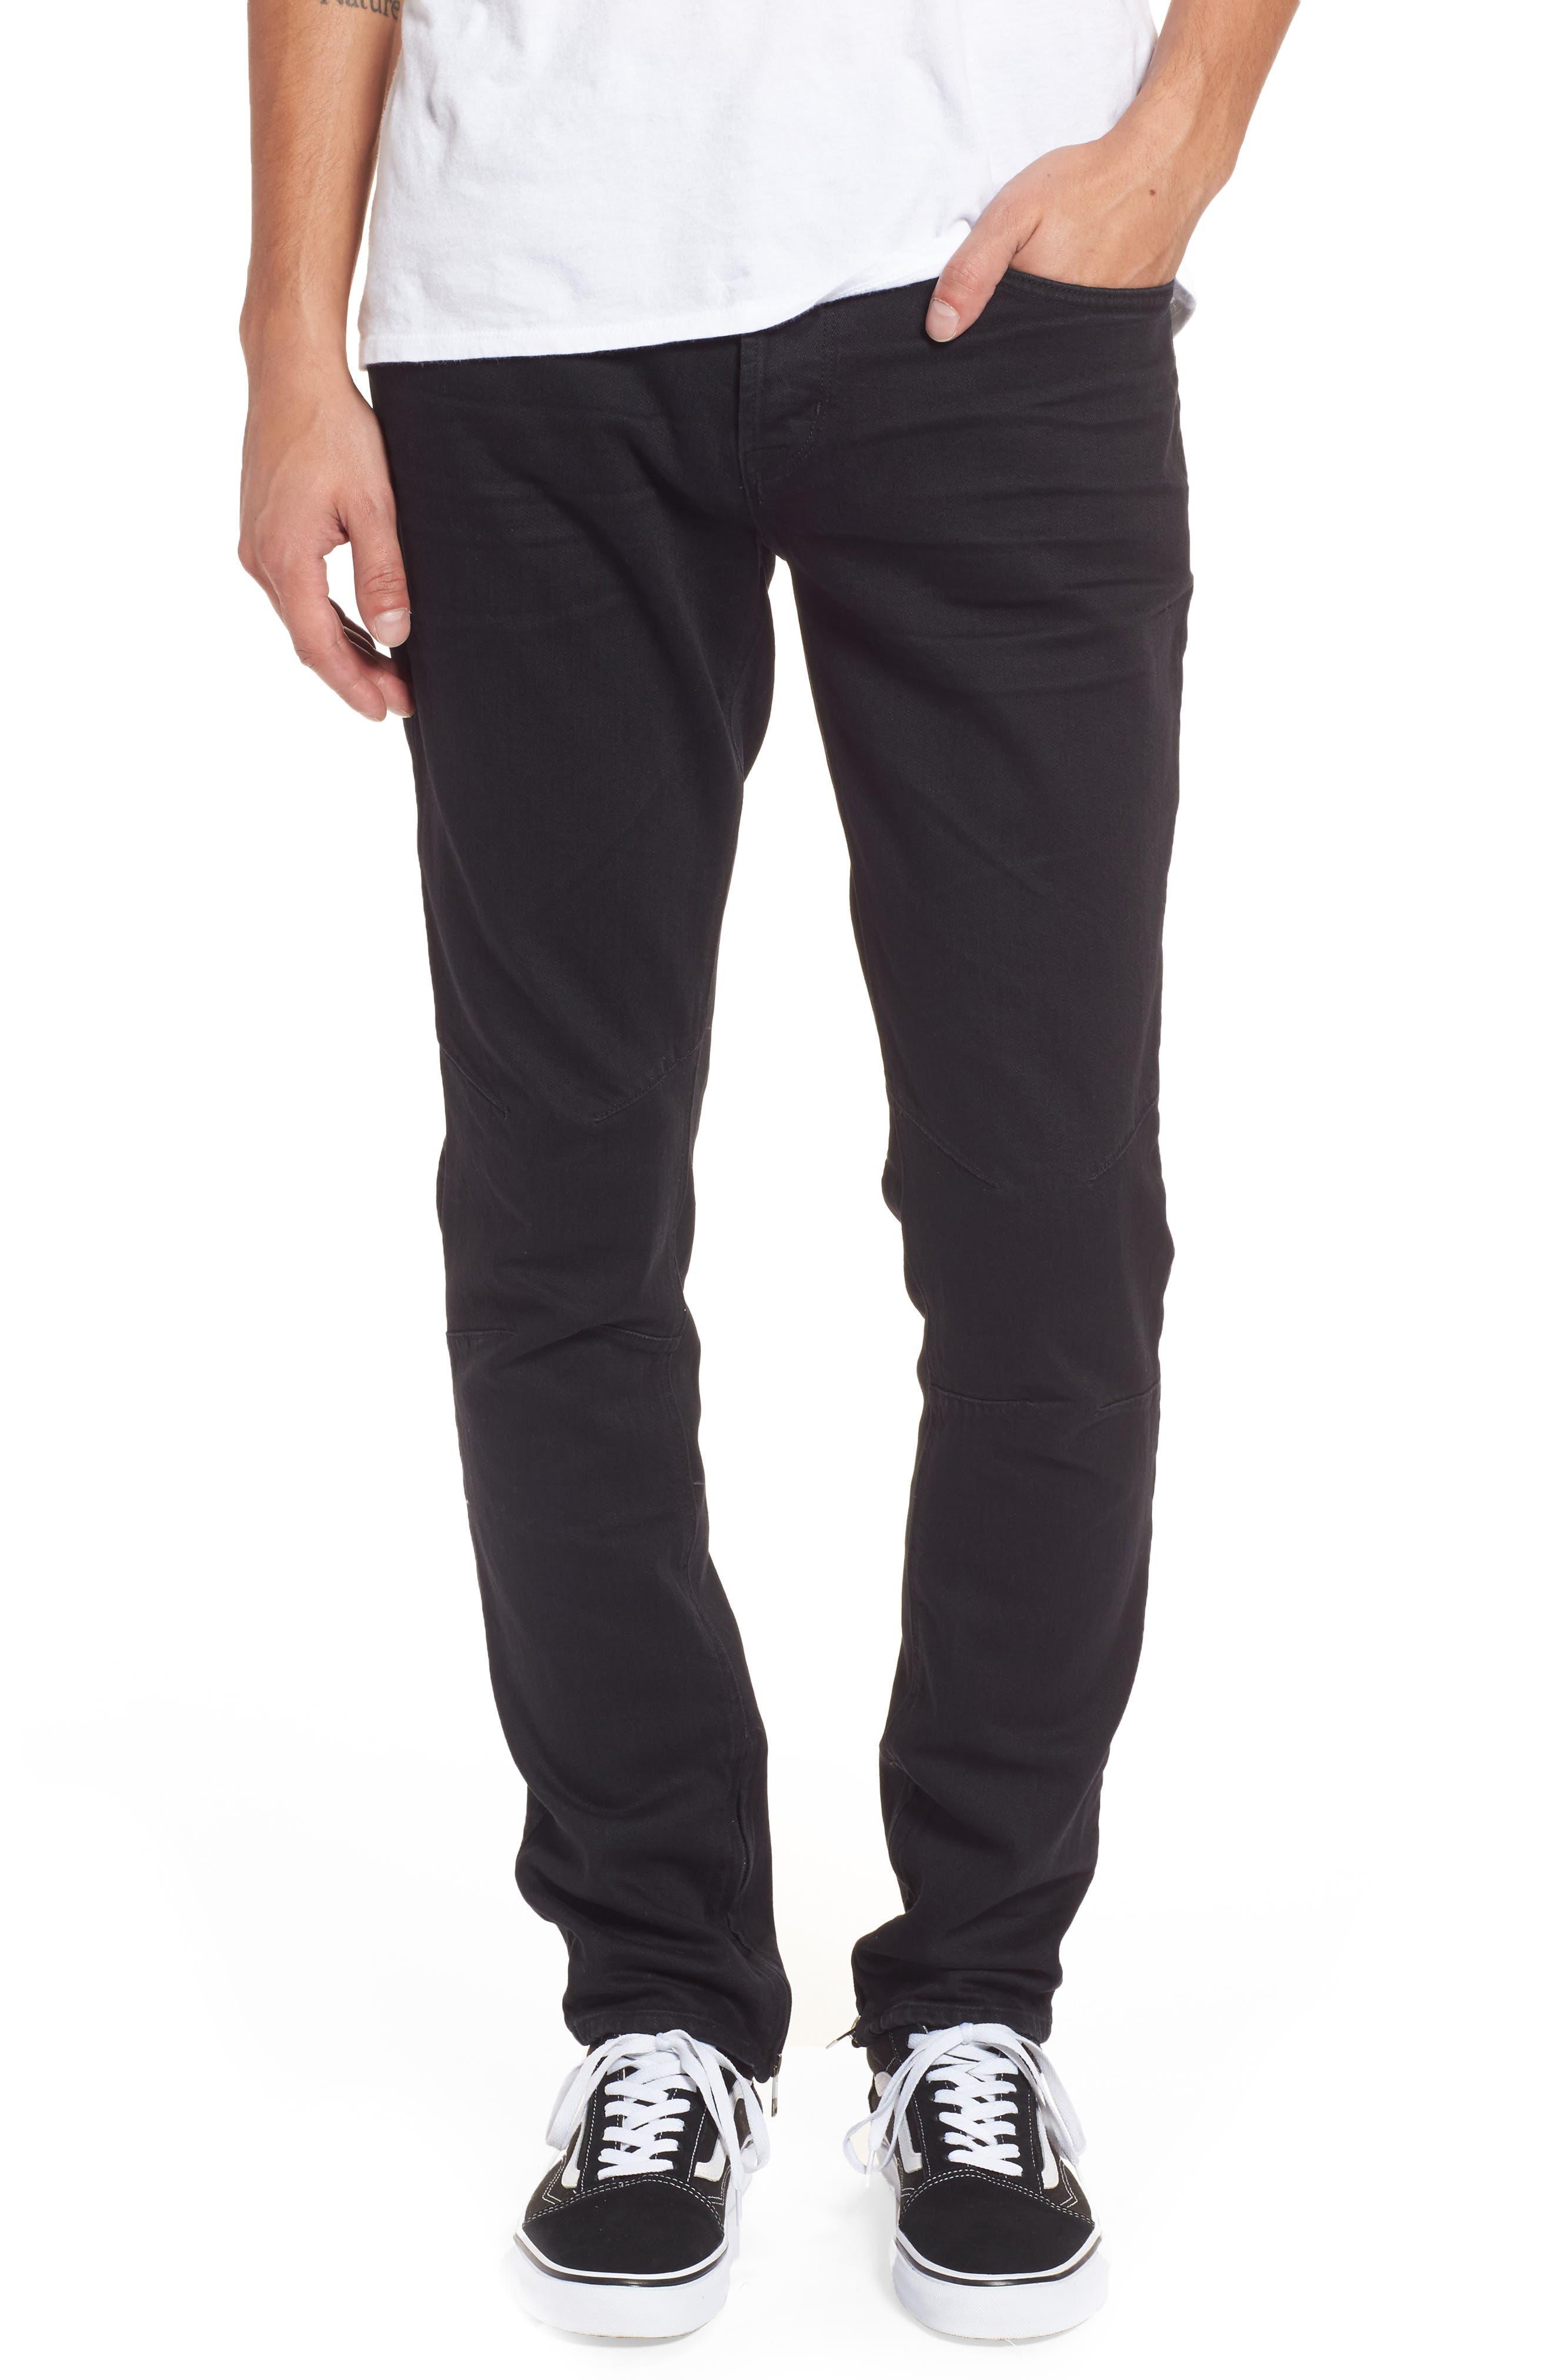 Alternate Image 1 Selected - Hudson Jeans Vaughn Biker Skinny Fit Jeans (Gamble)